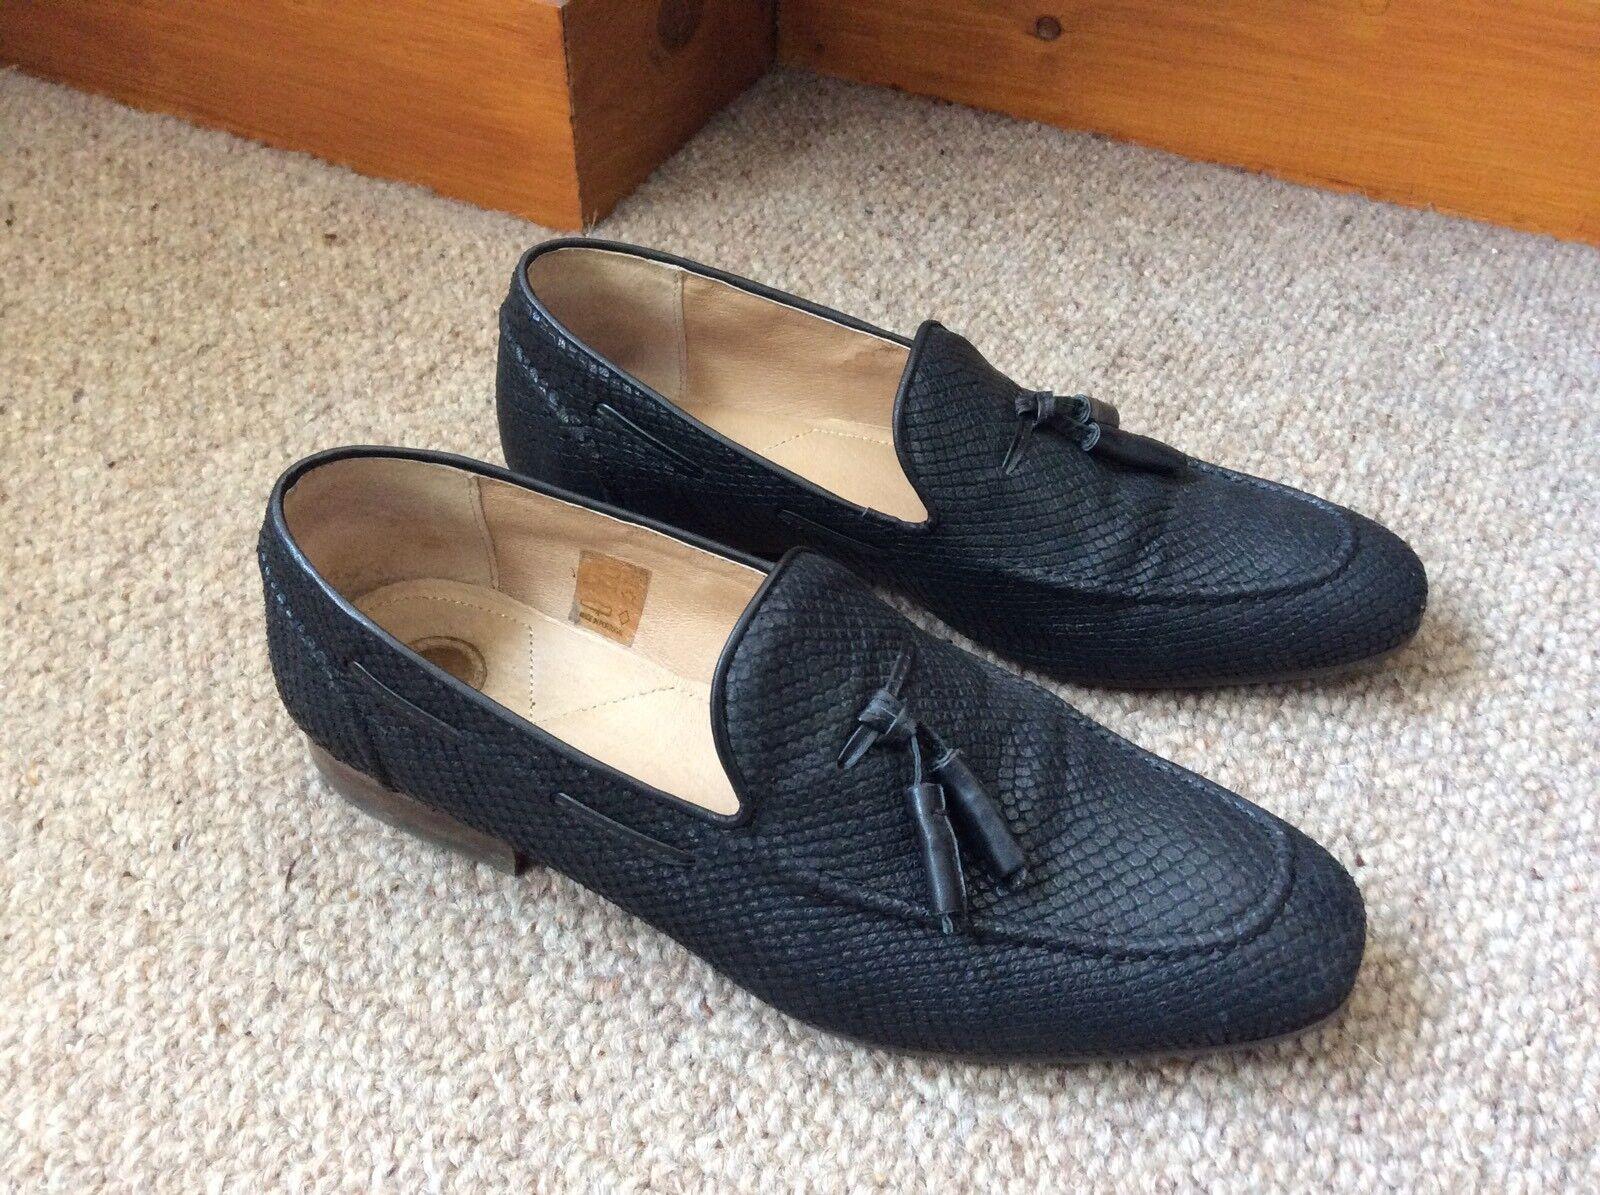 Da scarpe Uomo Nera Hudson mocassini scarpe Da taglia 44 EU RRP fdd058